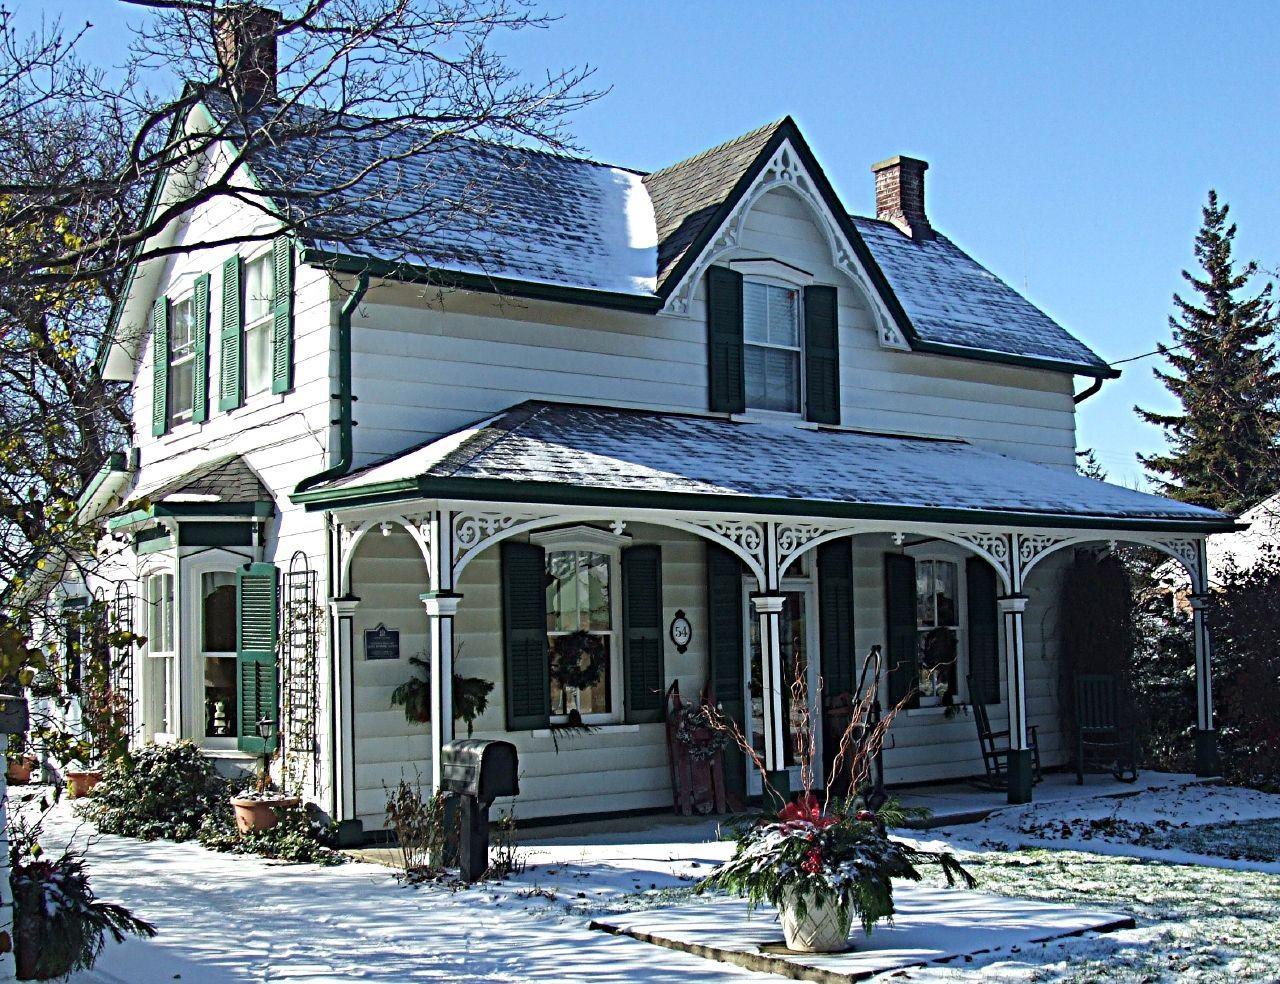 Foto de casa de campo blanca con estilo 1280 - Casas de campo bonitas ...